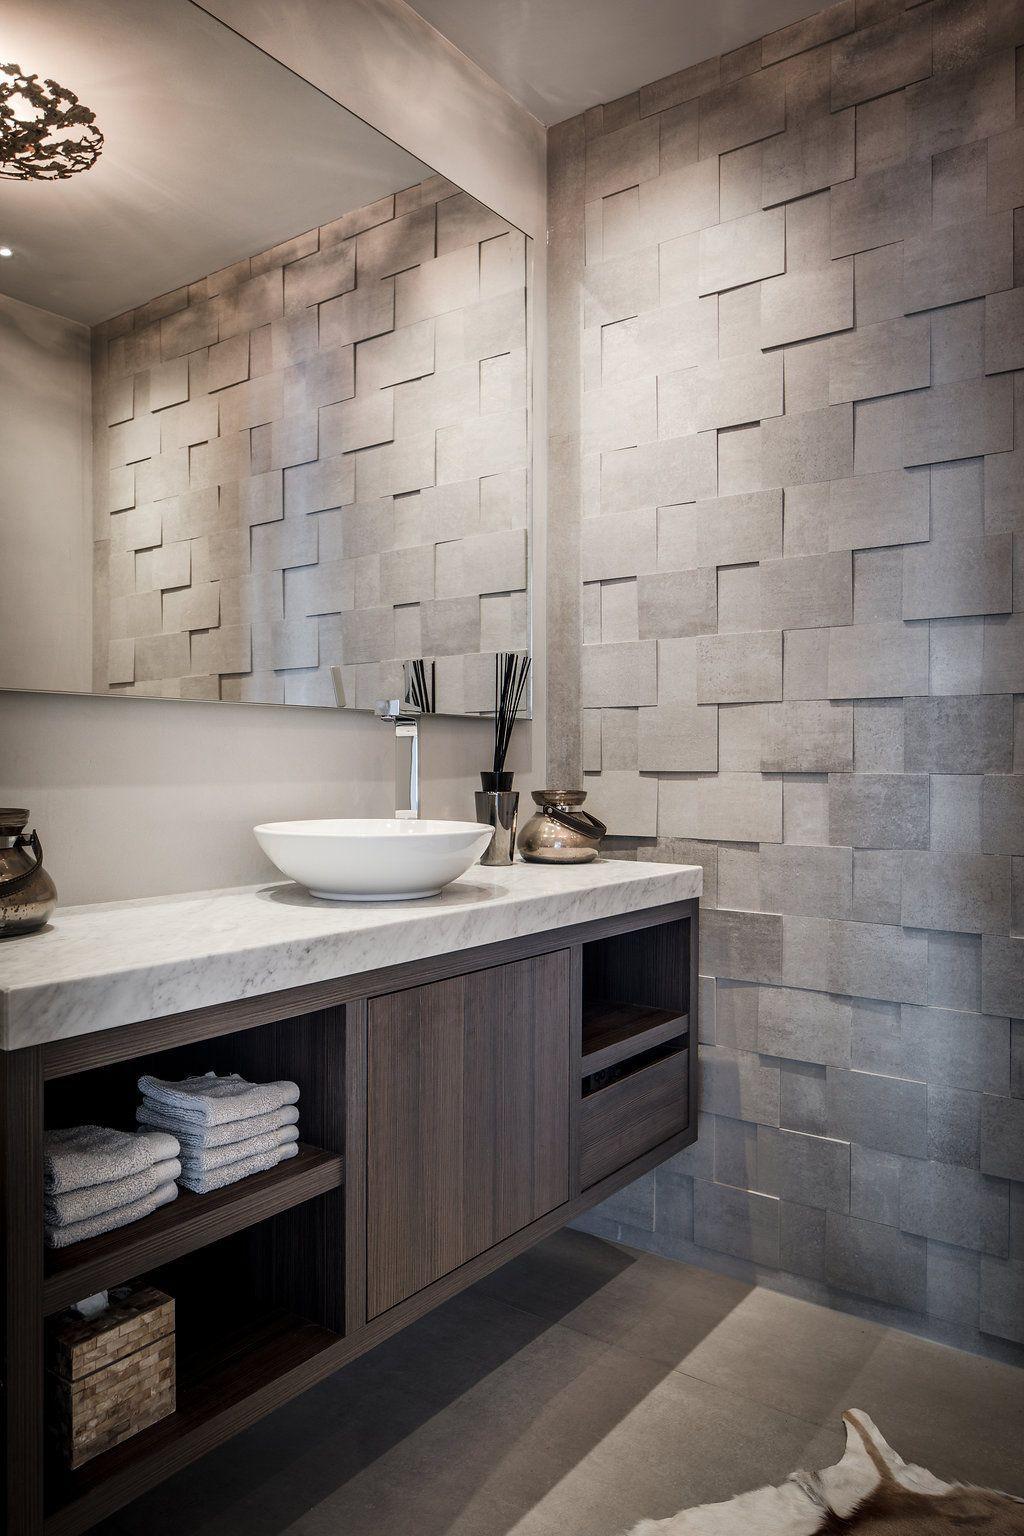 interieurmaatwerk woontoren Rotterdam bad en slaapkamers